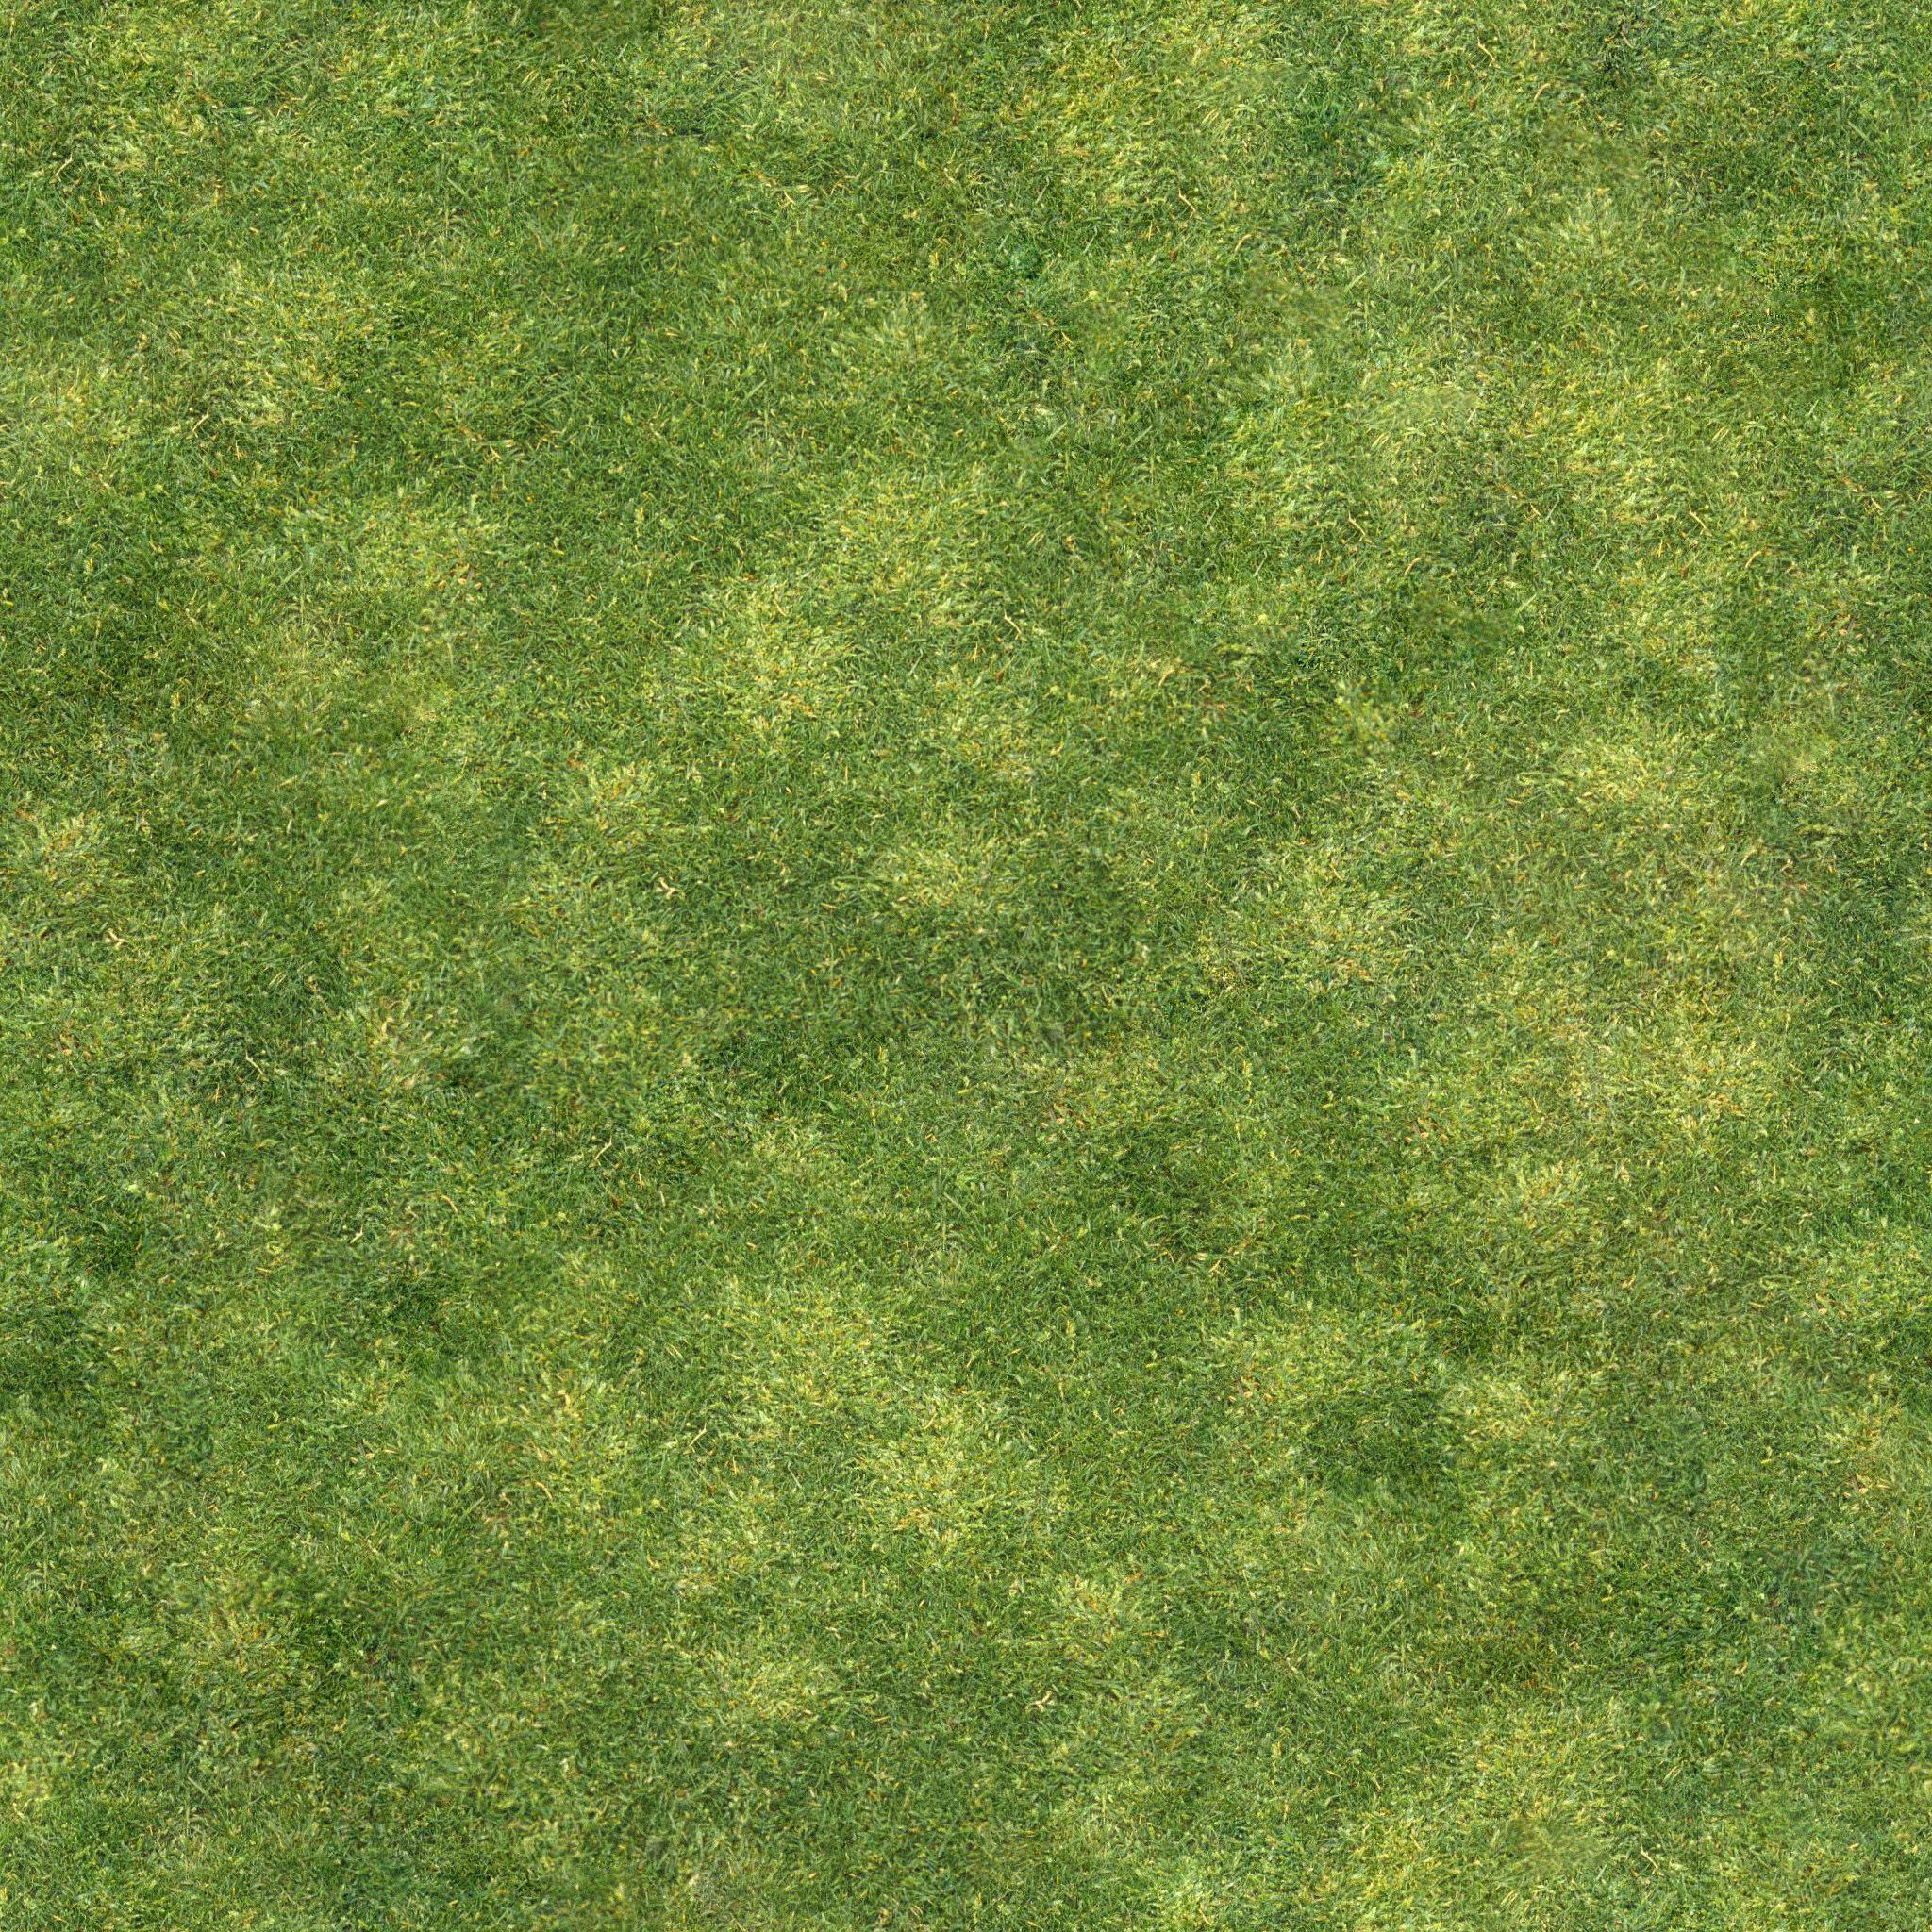 Grass #2 - Seamless - 2K